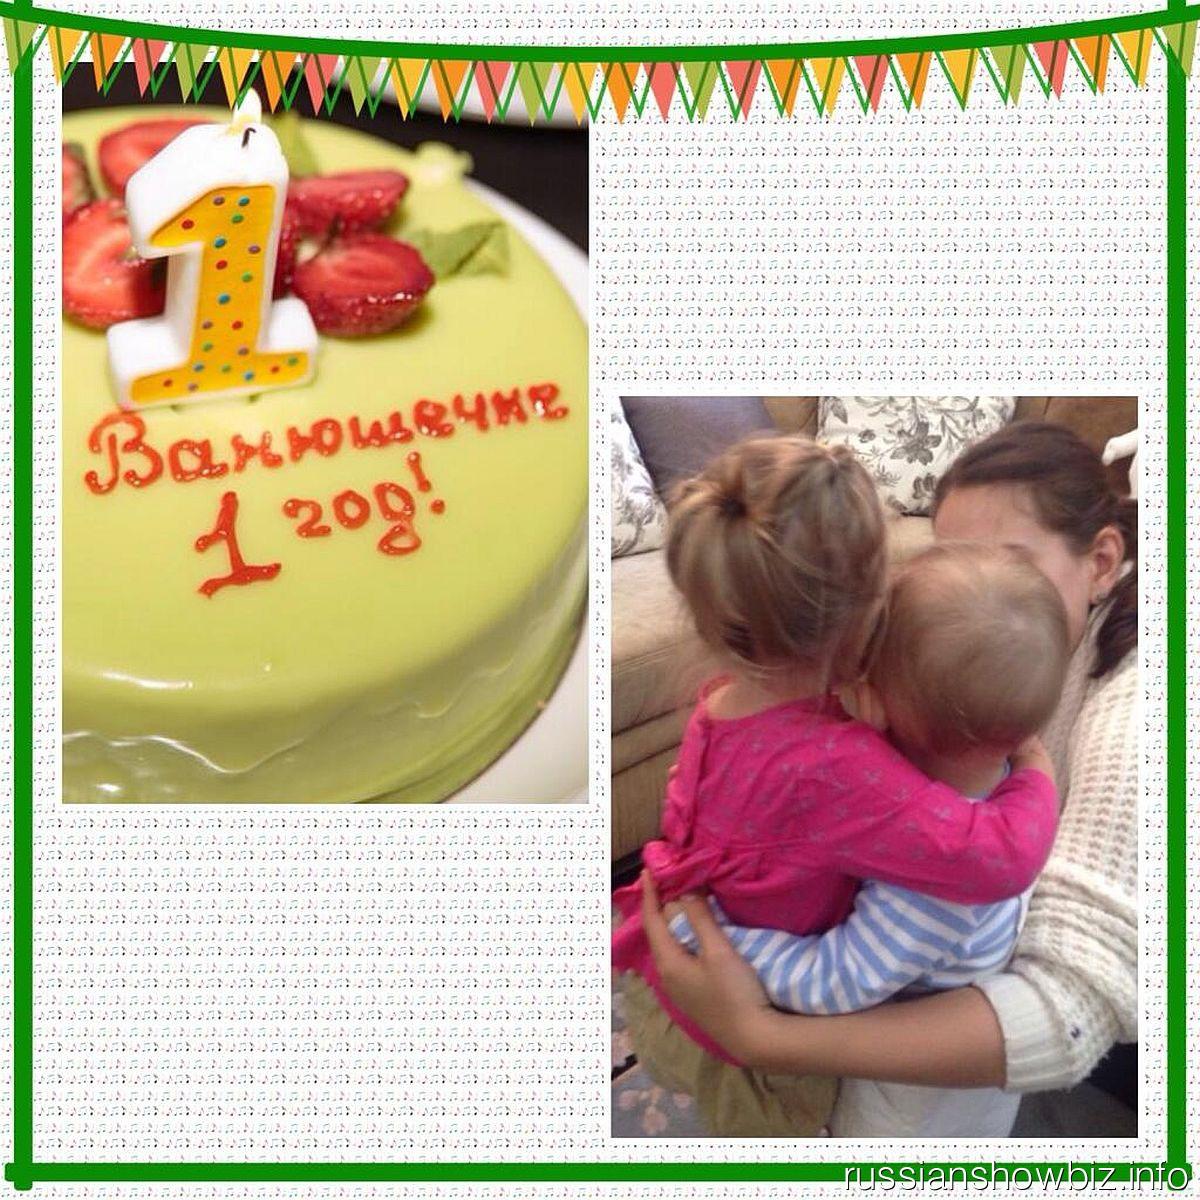 Елена Ваенга празднует день рождения сына